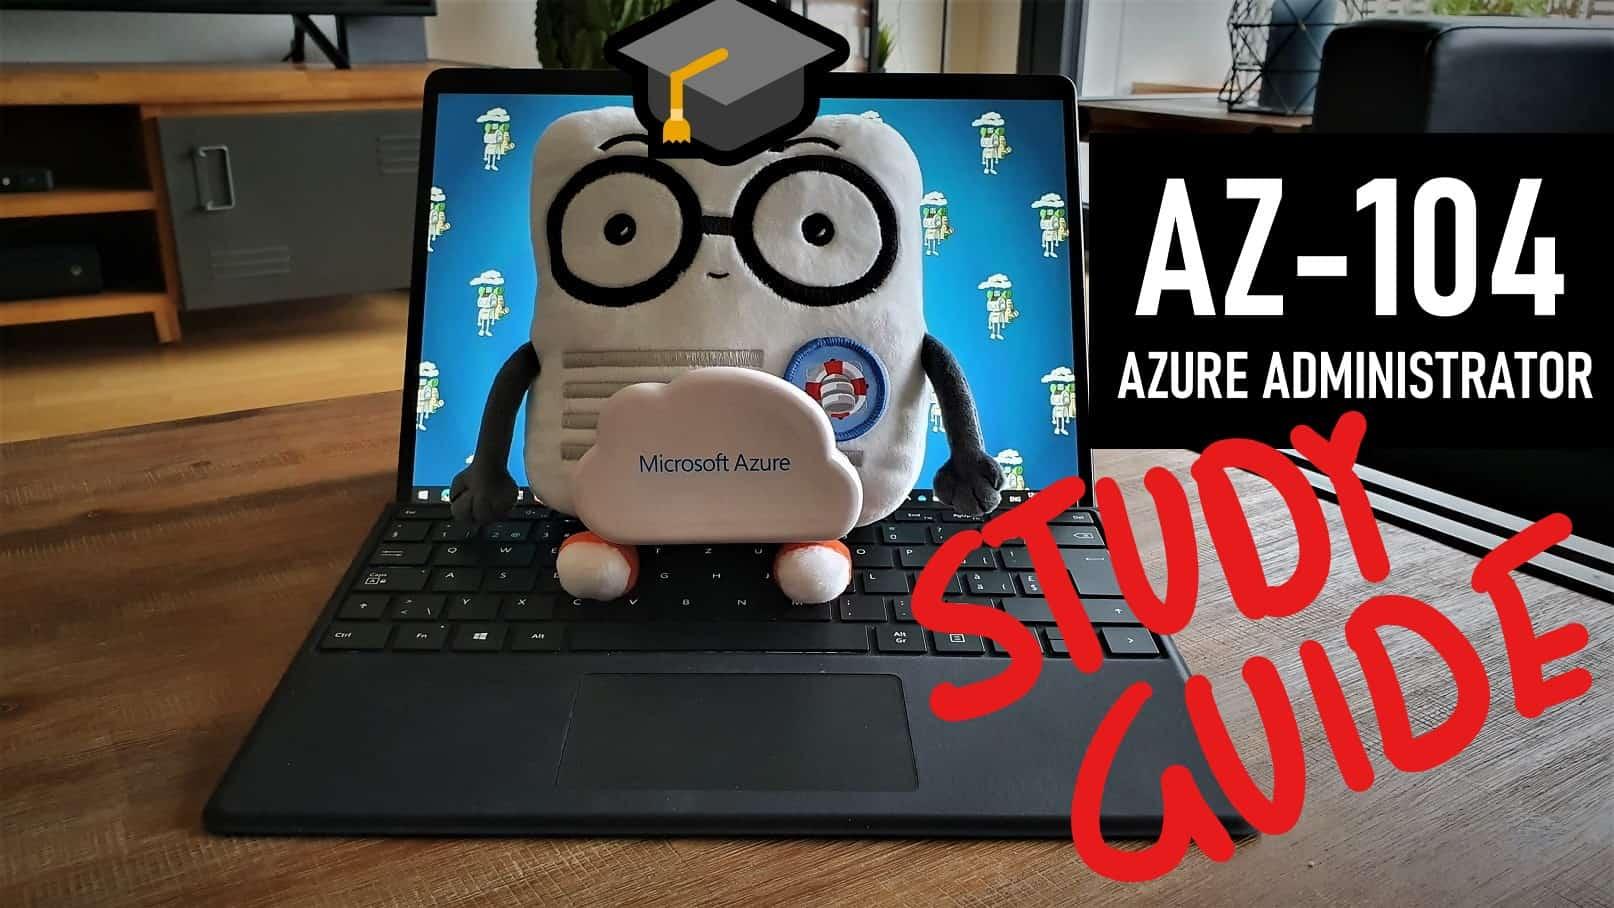 AZ-104 Azure Administrator Exam Study Guide